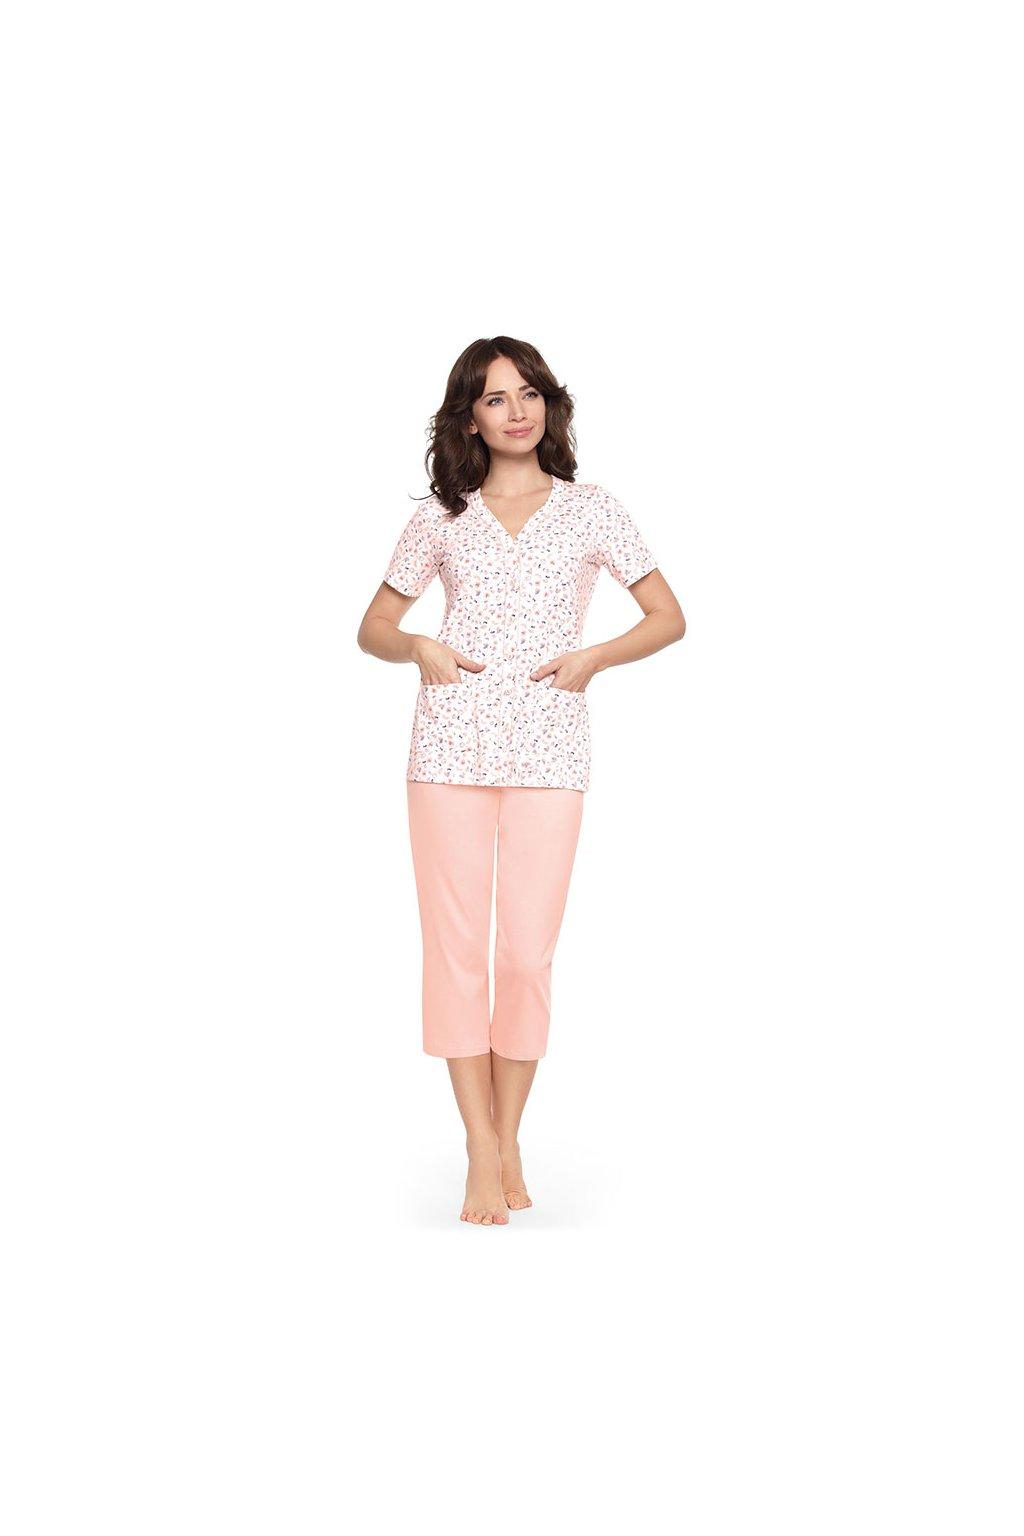 Dámské pyžamo s krátkým rukávem a 3/4 nohavicemi, 104483 6, meruňková